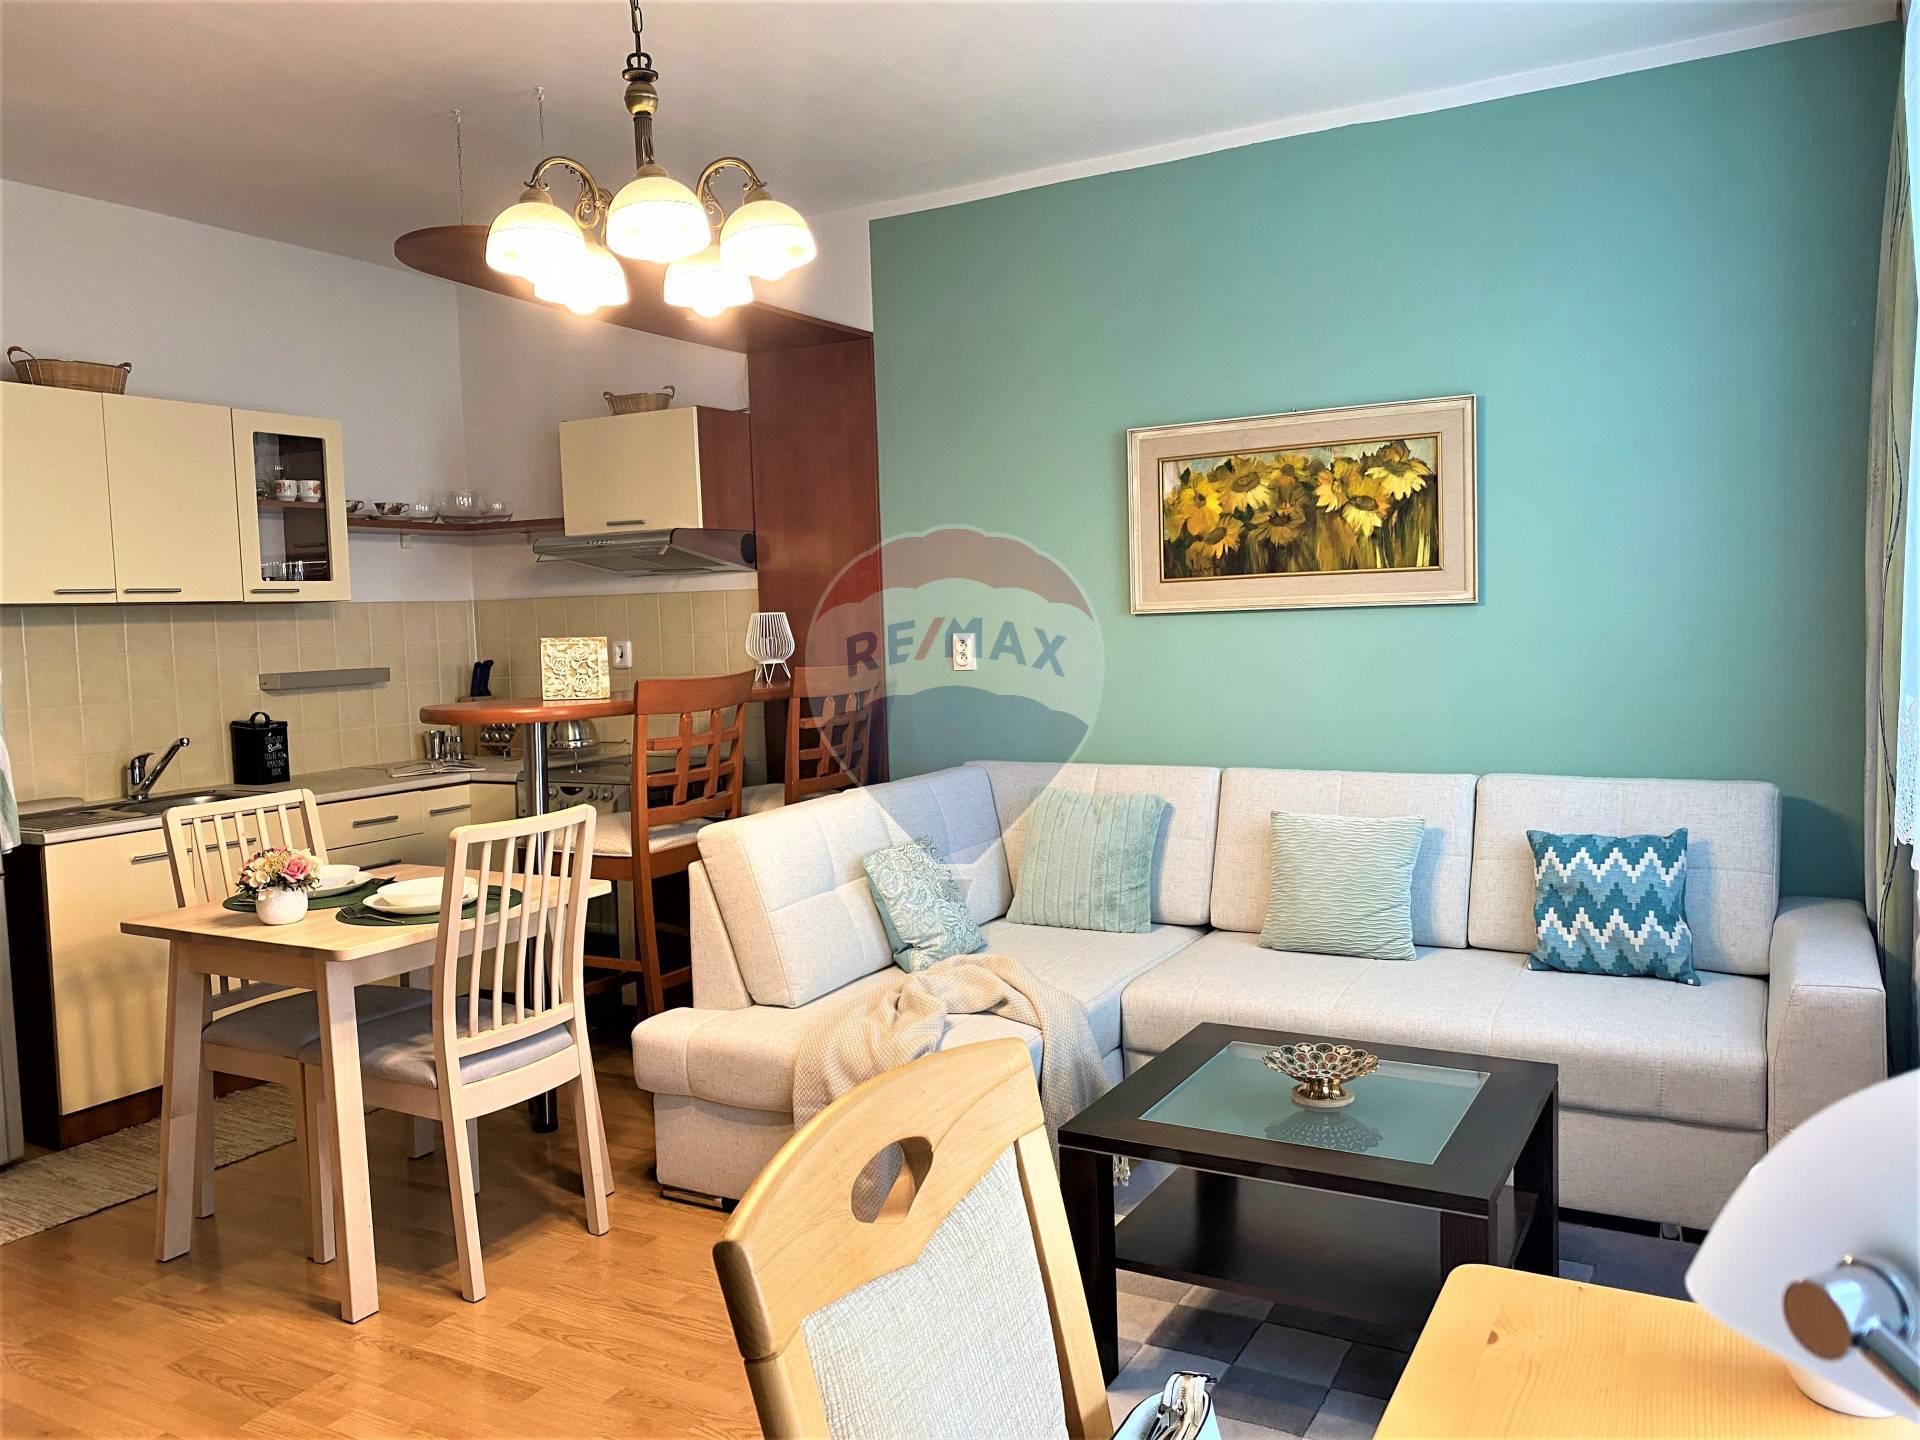 Prenájom bytu (1 izbový) 32 m2, Senec -